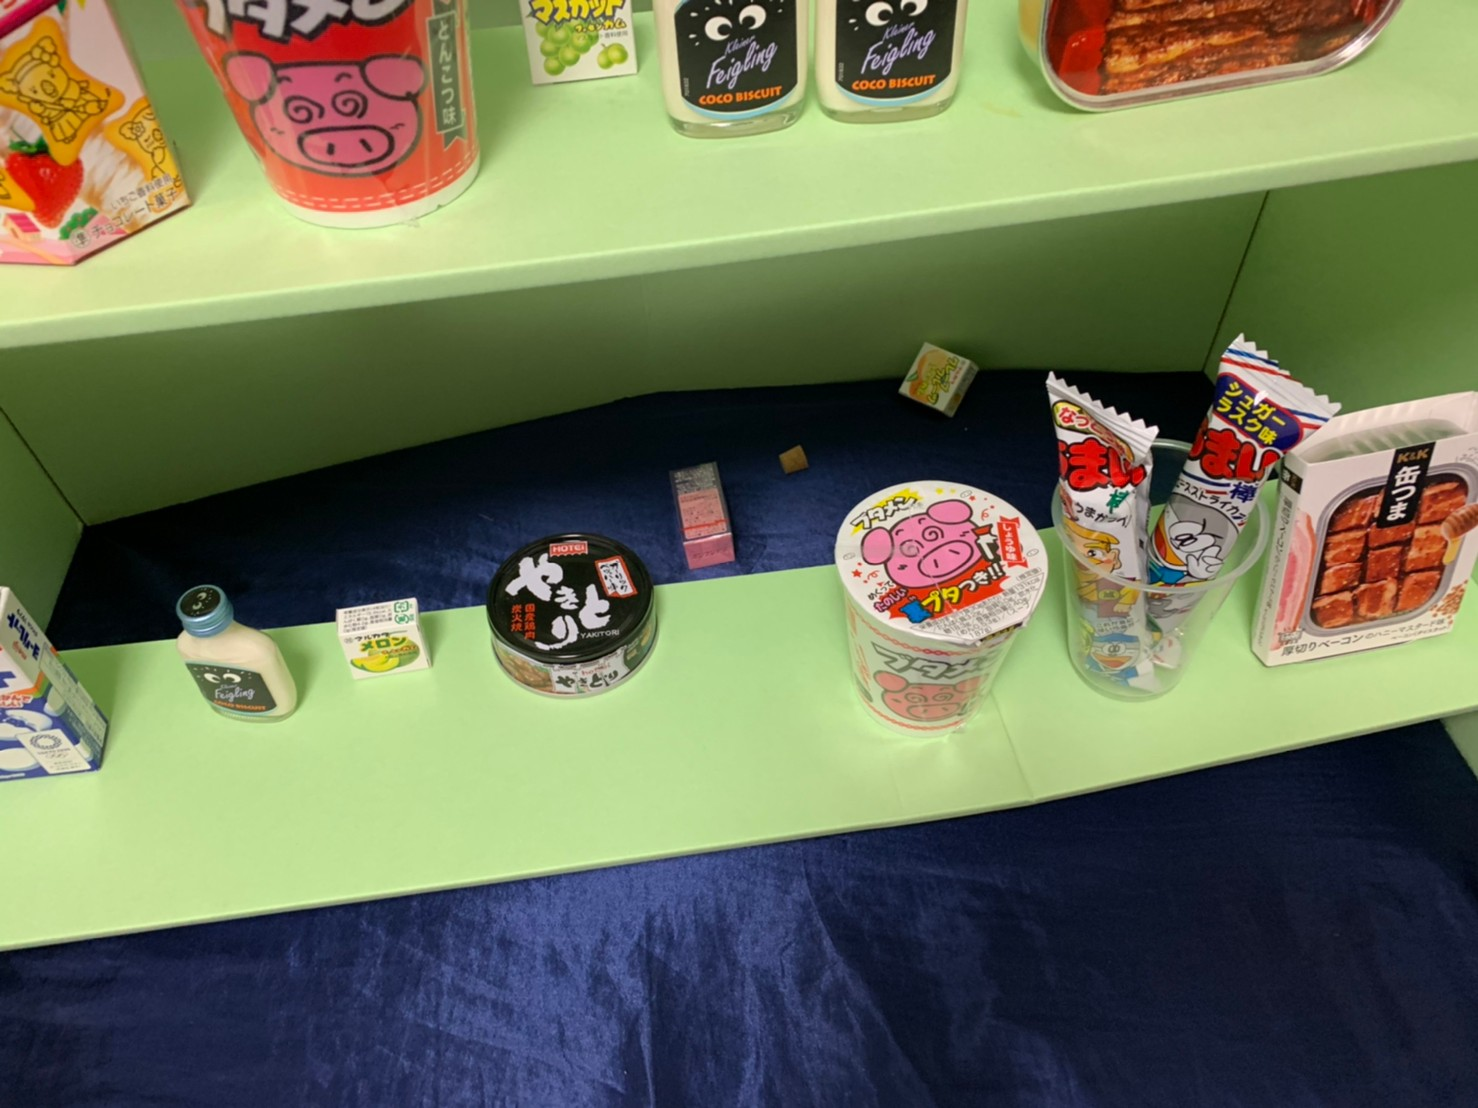 楽天市場でそろえた商品を使って、自宅で「おうち縁日」を楽しんでみた